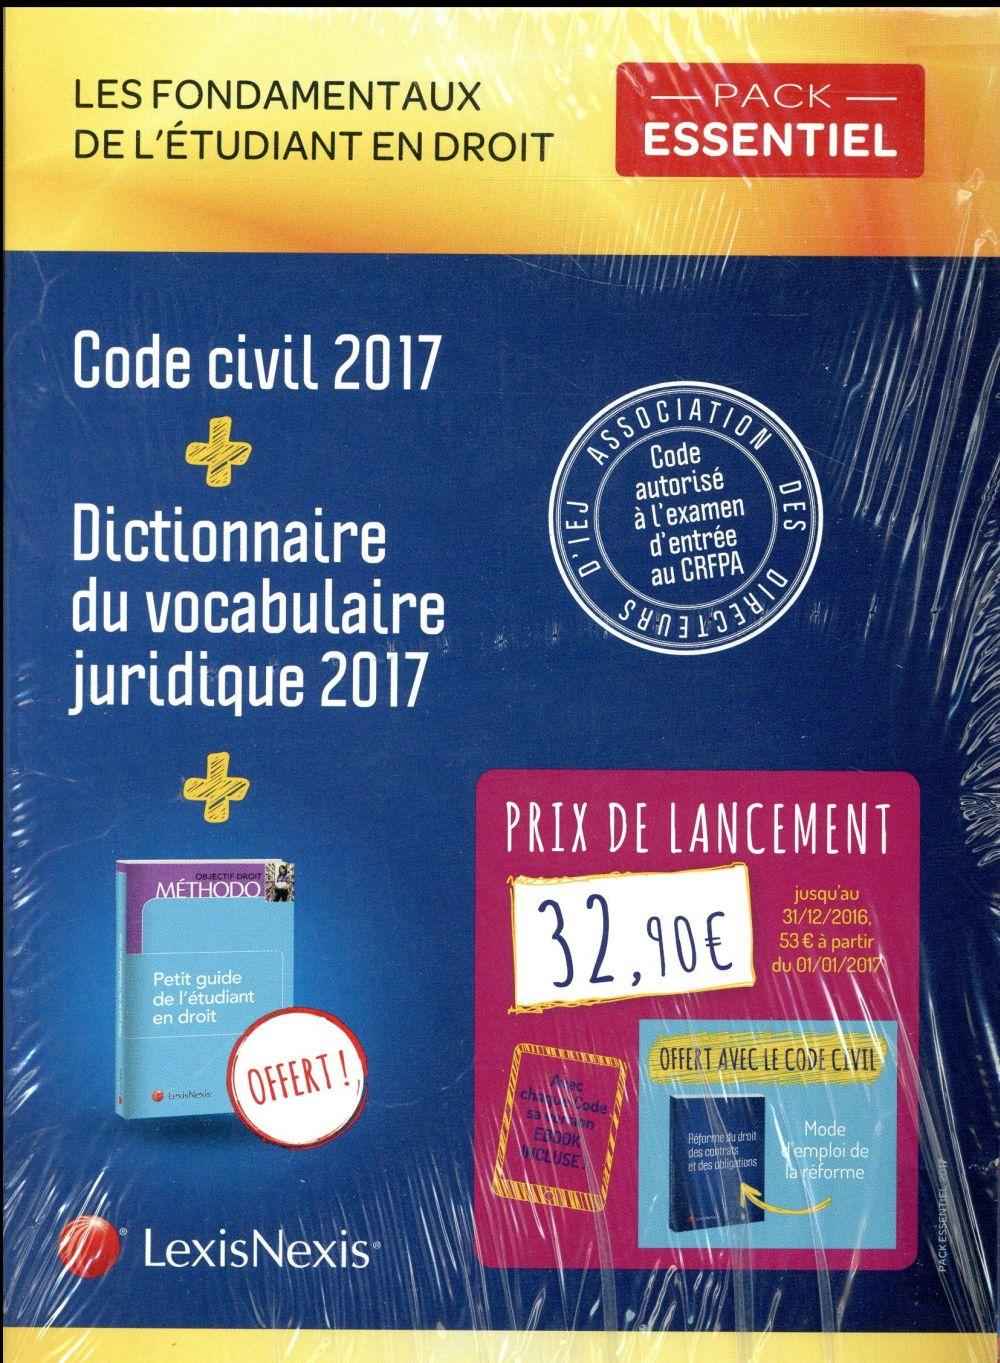 PACK ETUDIANT ESSENTIEL  CODE CIVIL 2017 + DICTIONNAIRE DU VOCABULAIRE JURIDIQUE - AVEC CHAQUE CODE